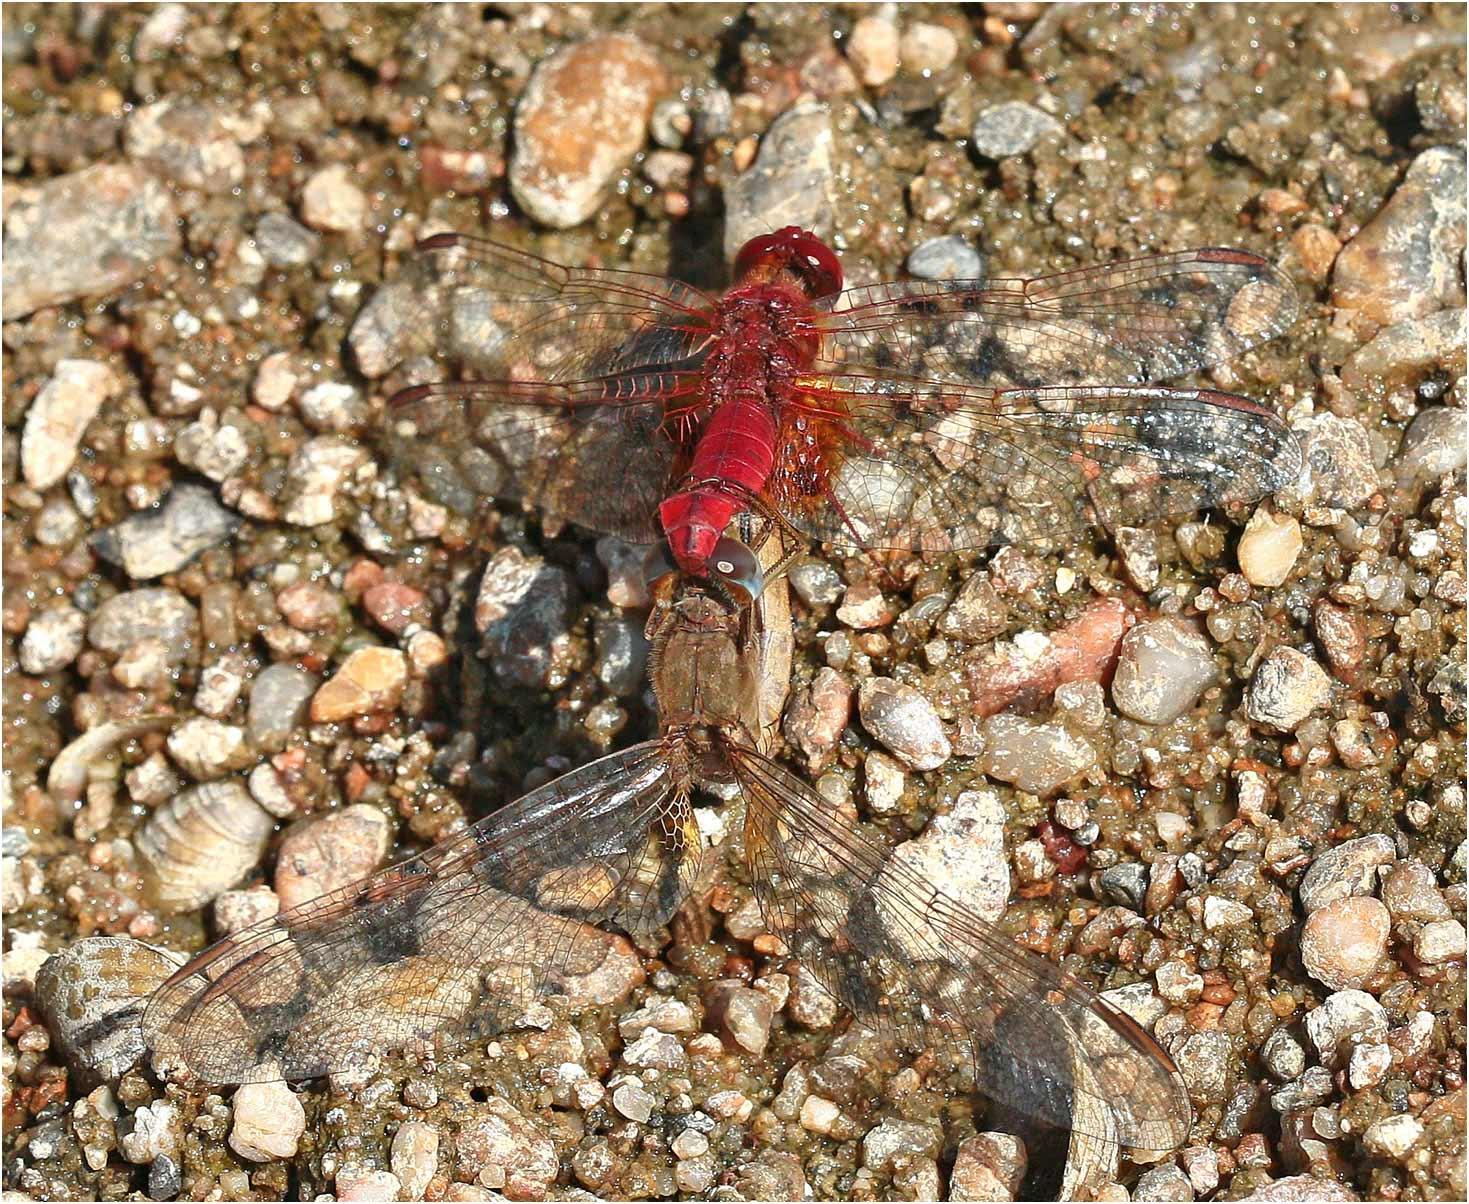 Accouplement de Crocothemis erythraea, rive droite de la Loire à Montjean sur Loire, 22/08/2019